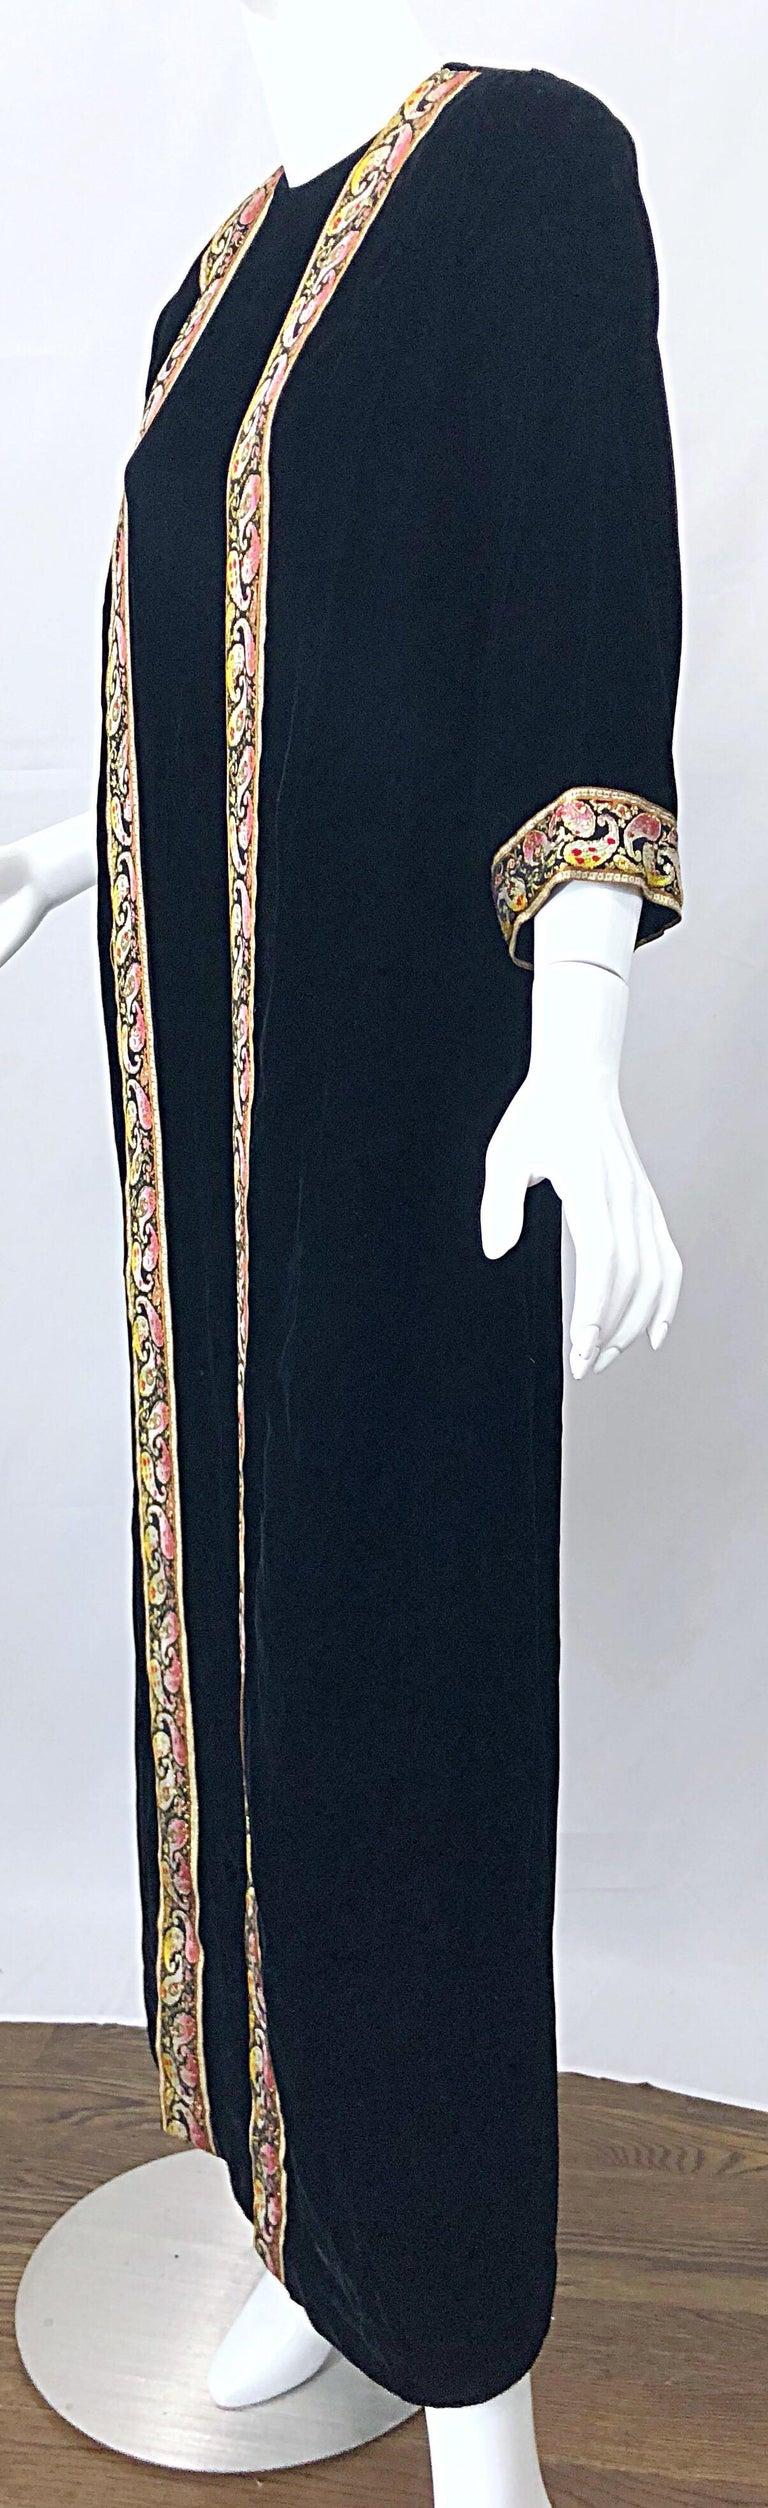 1960s Bonwit Teller Black Velvet Paisley Vintage 60s Moroccan Caftan Maxi Dress For Sale 2